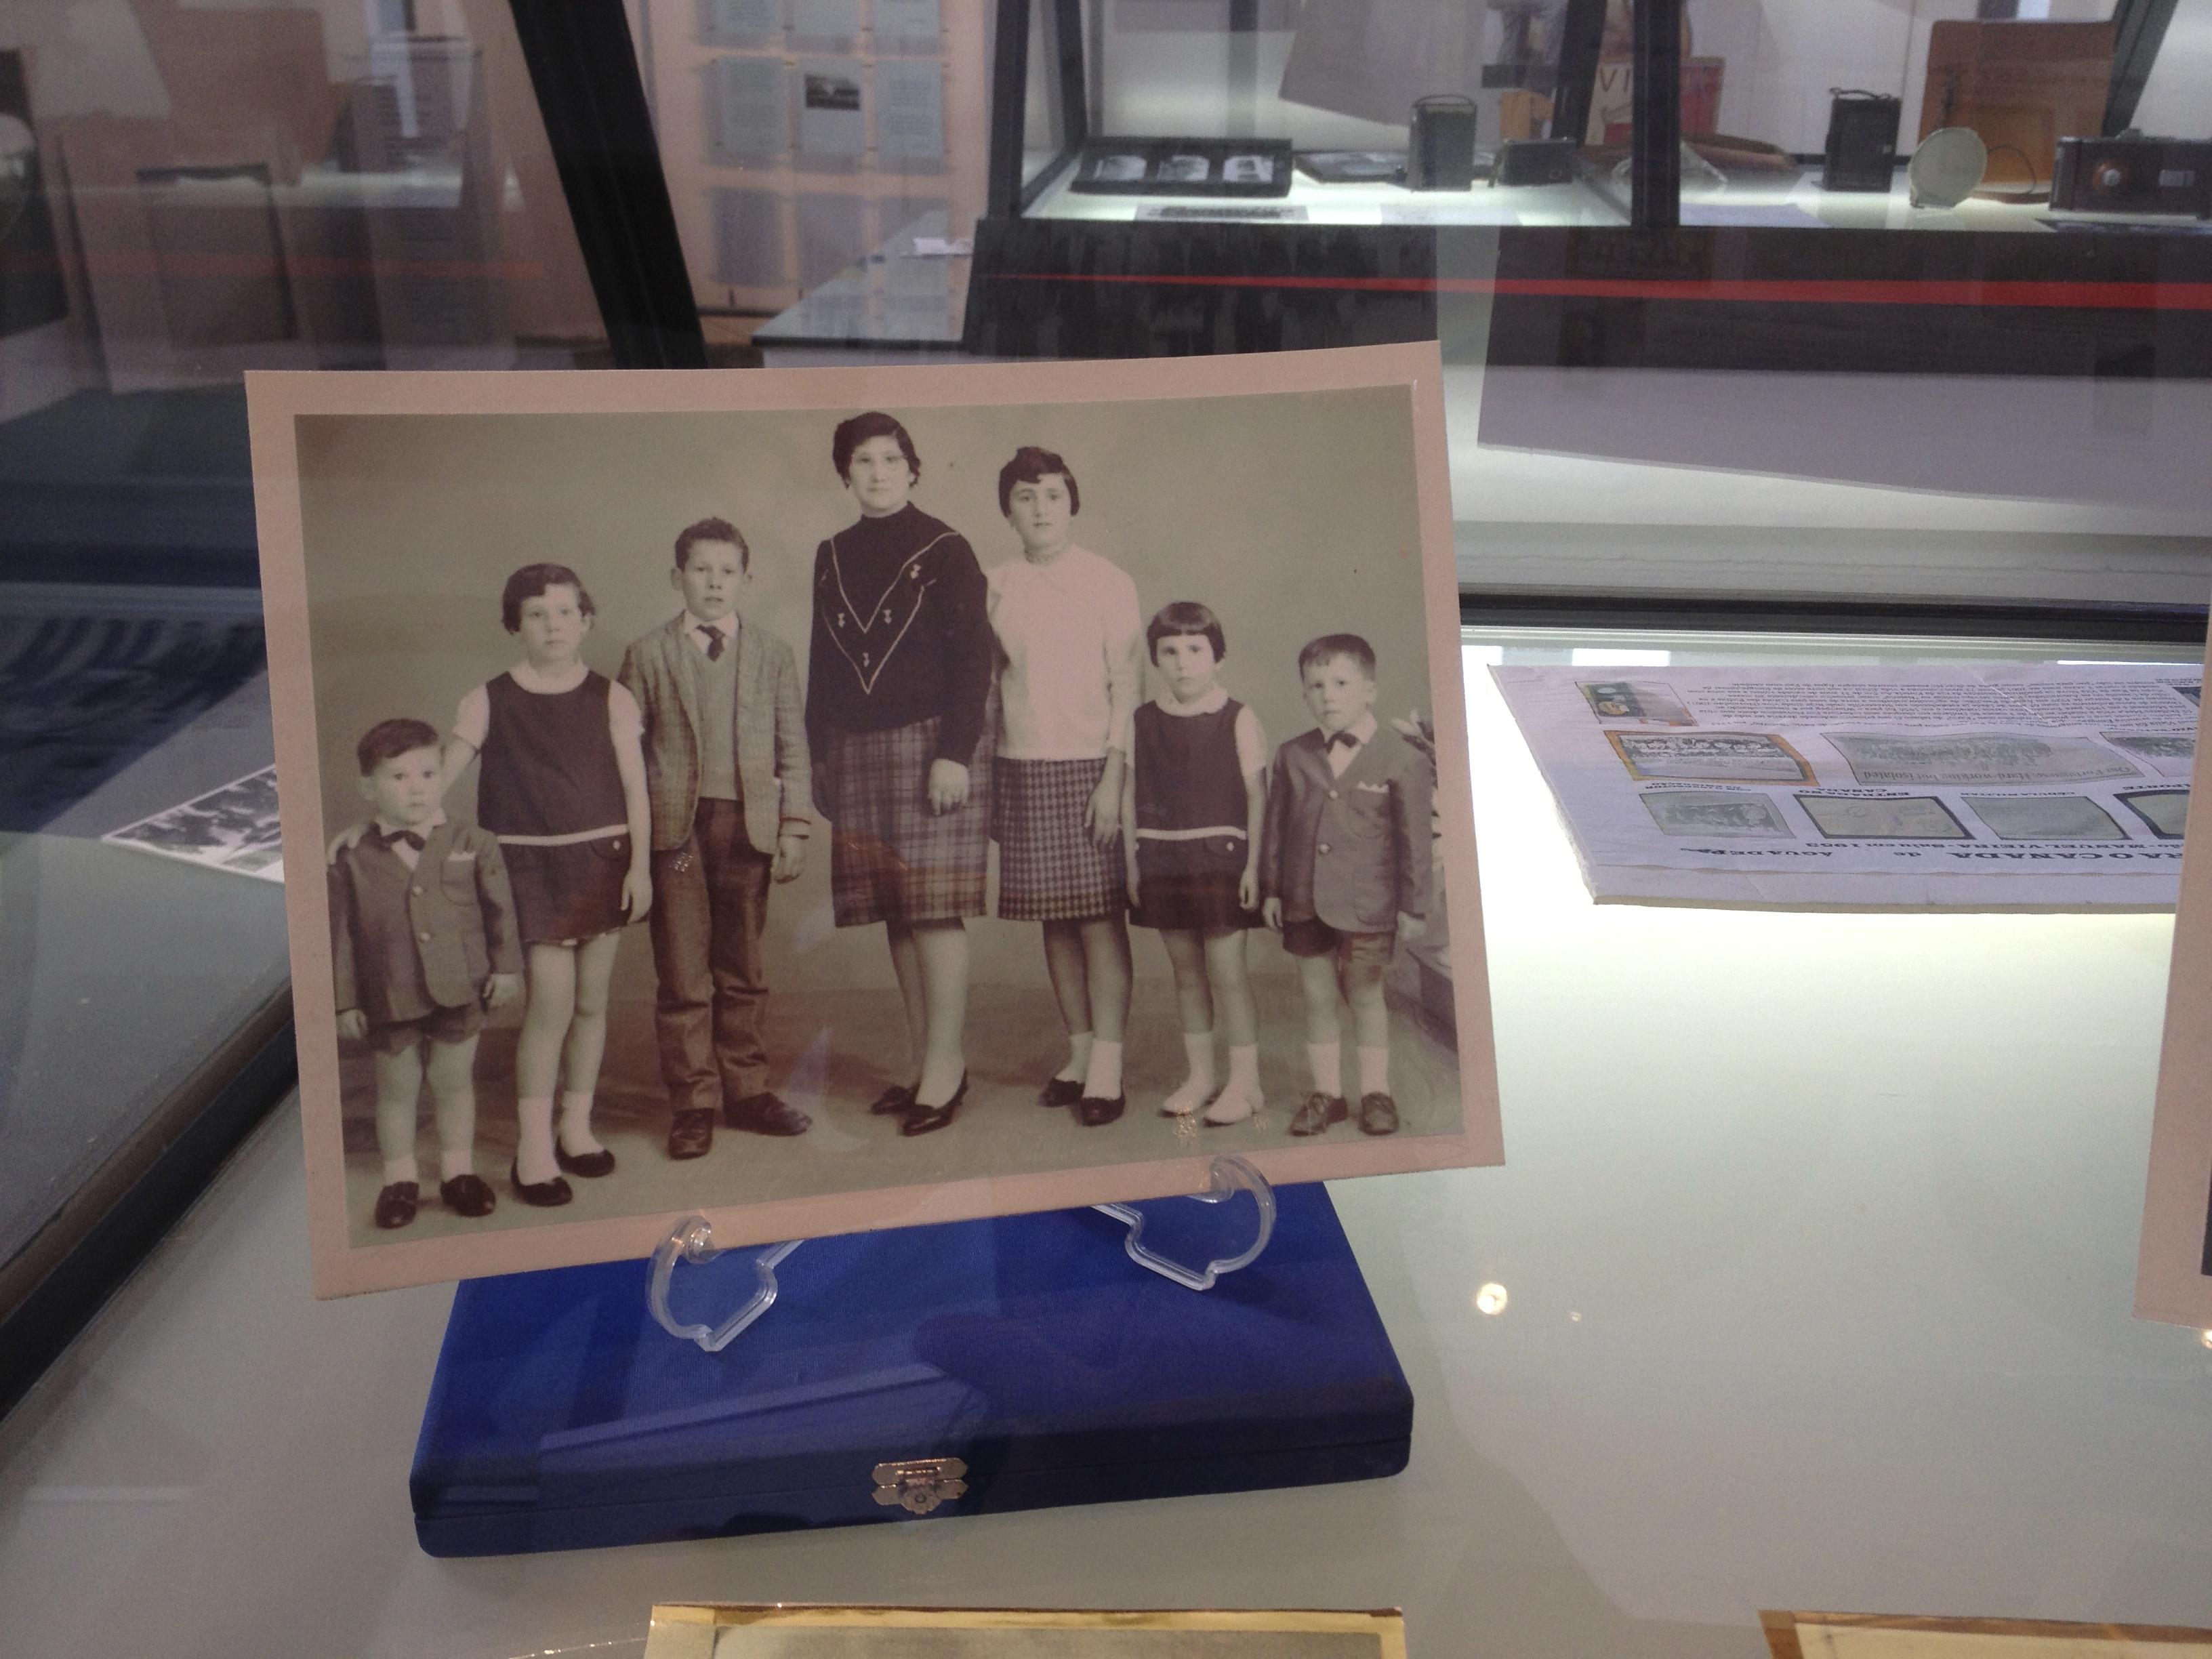 Imagem onde se vê um retrato de família exposto numa vitrine